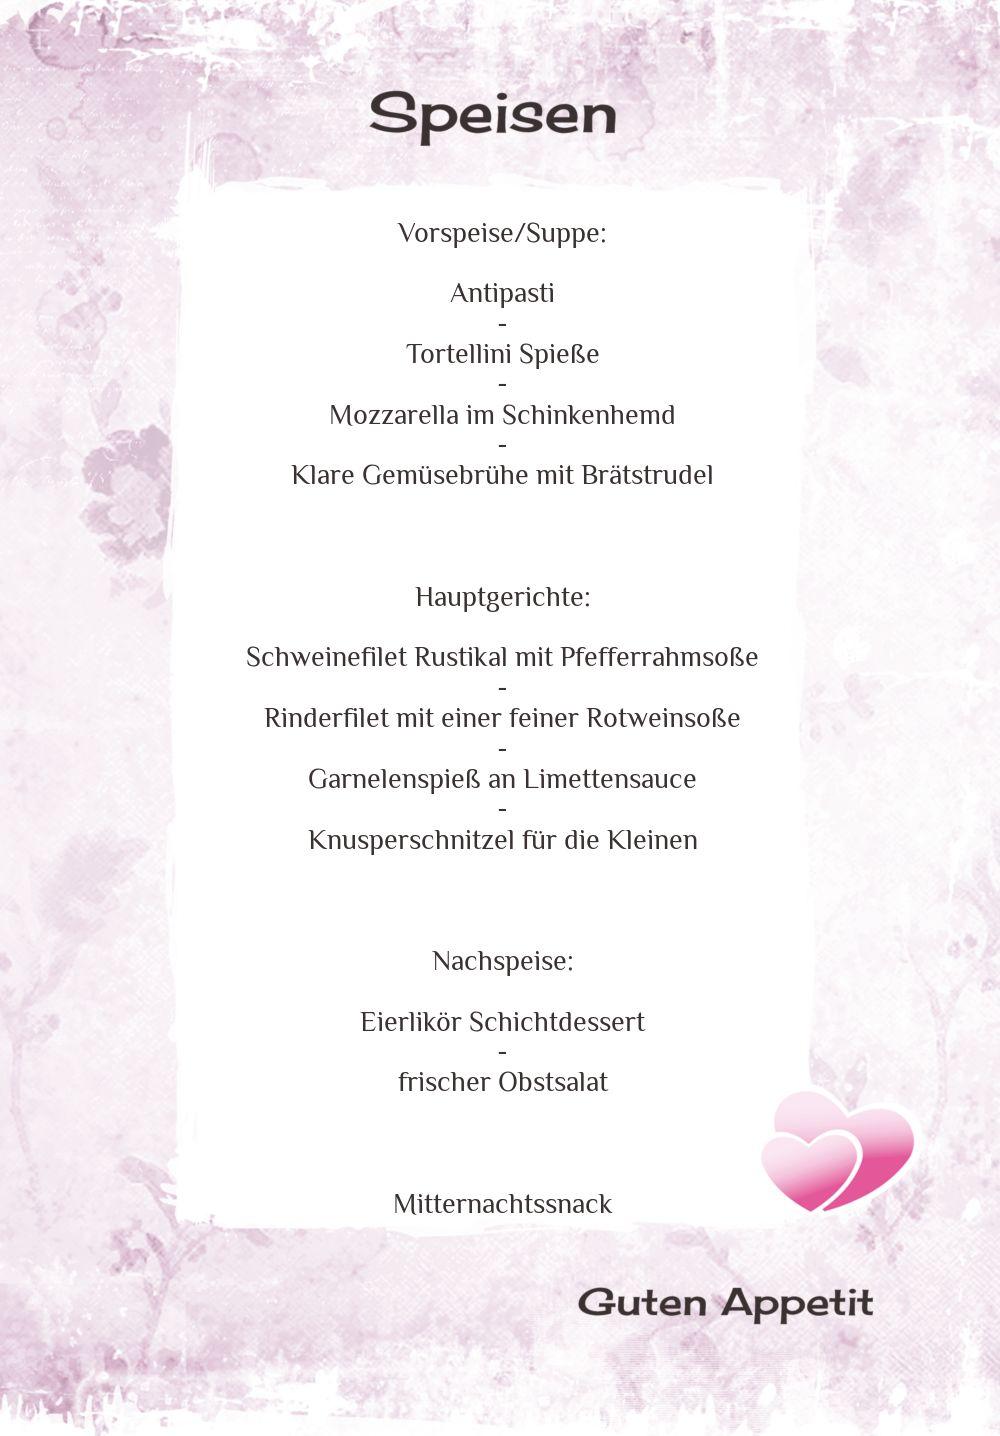 Ansicht 5 - Hochzeit Menükarte Din romantische Liebe